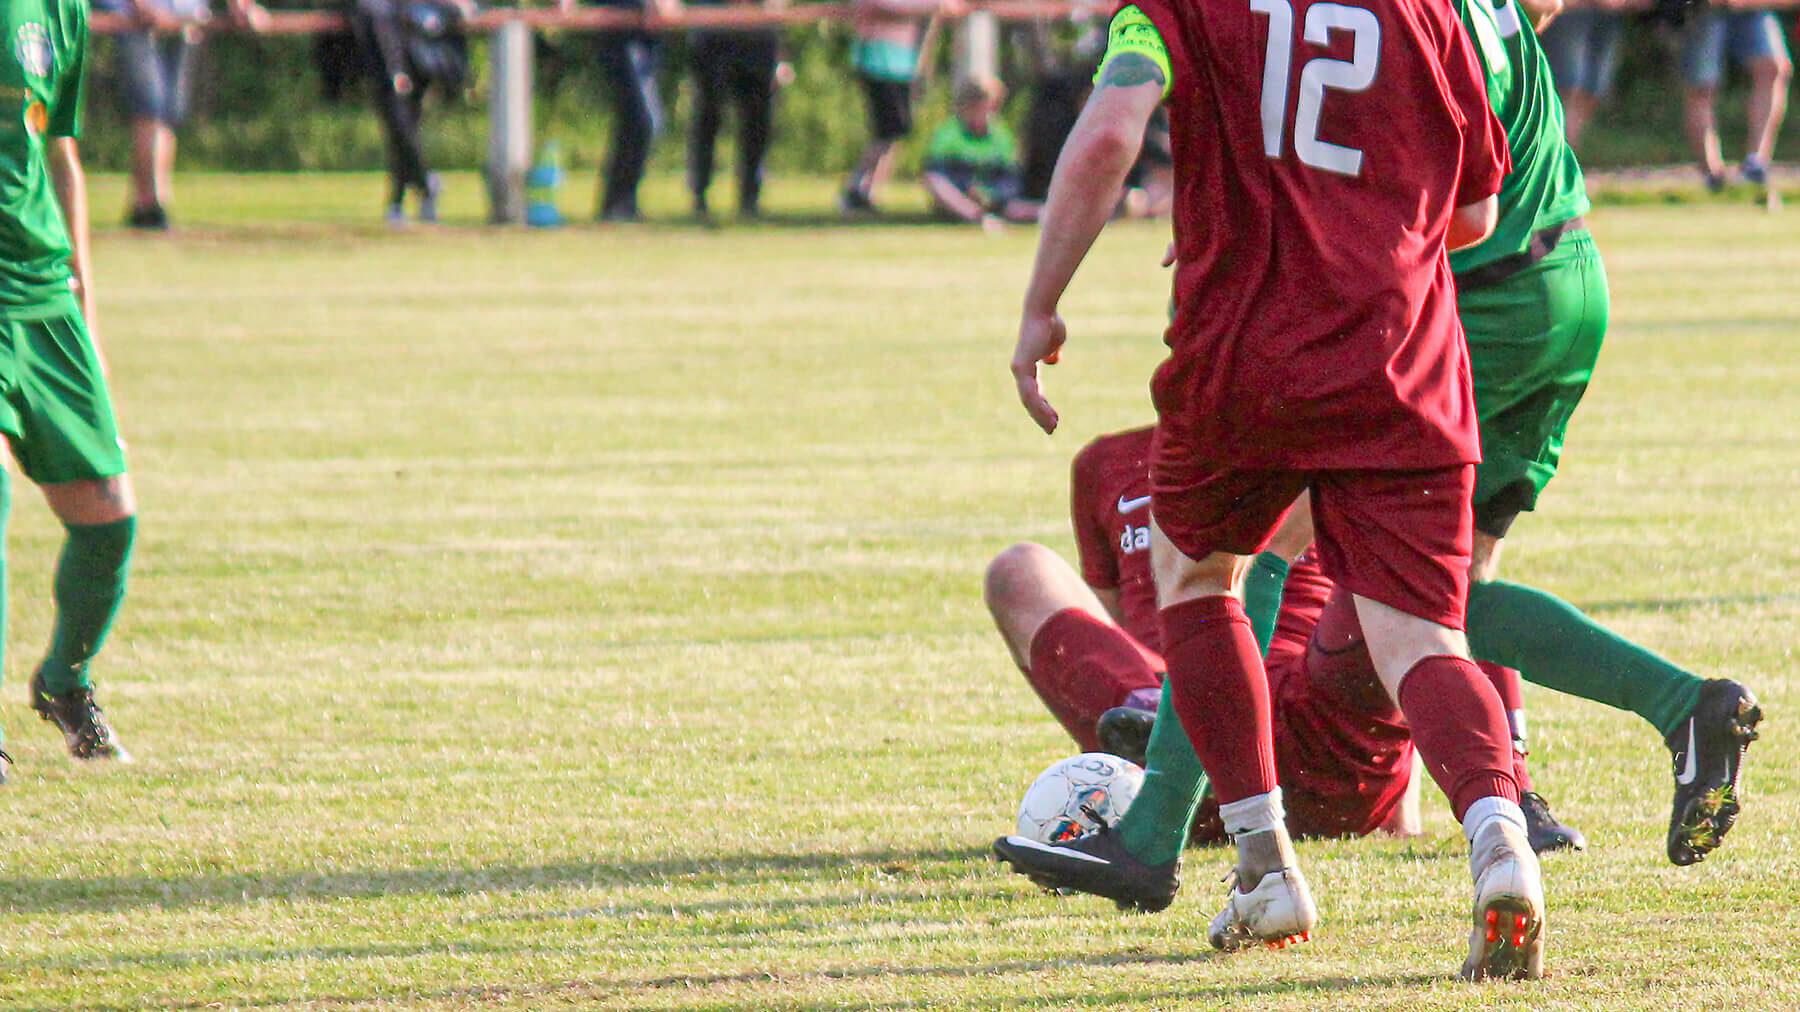 Afbudsramt førstehold tabte i Brande